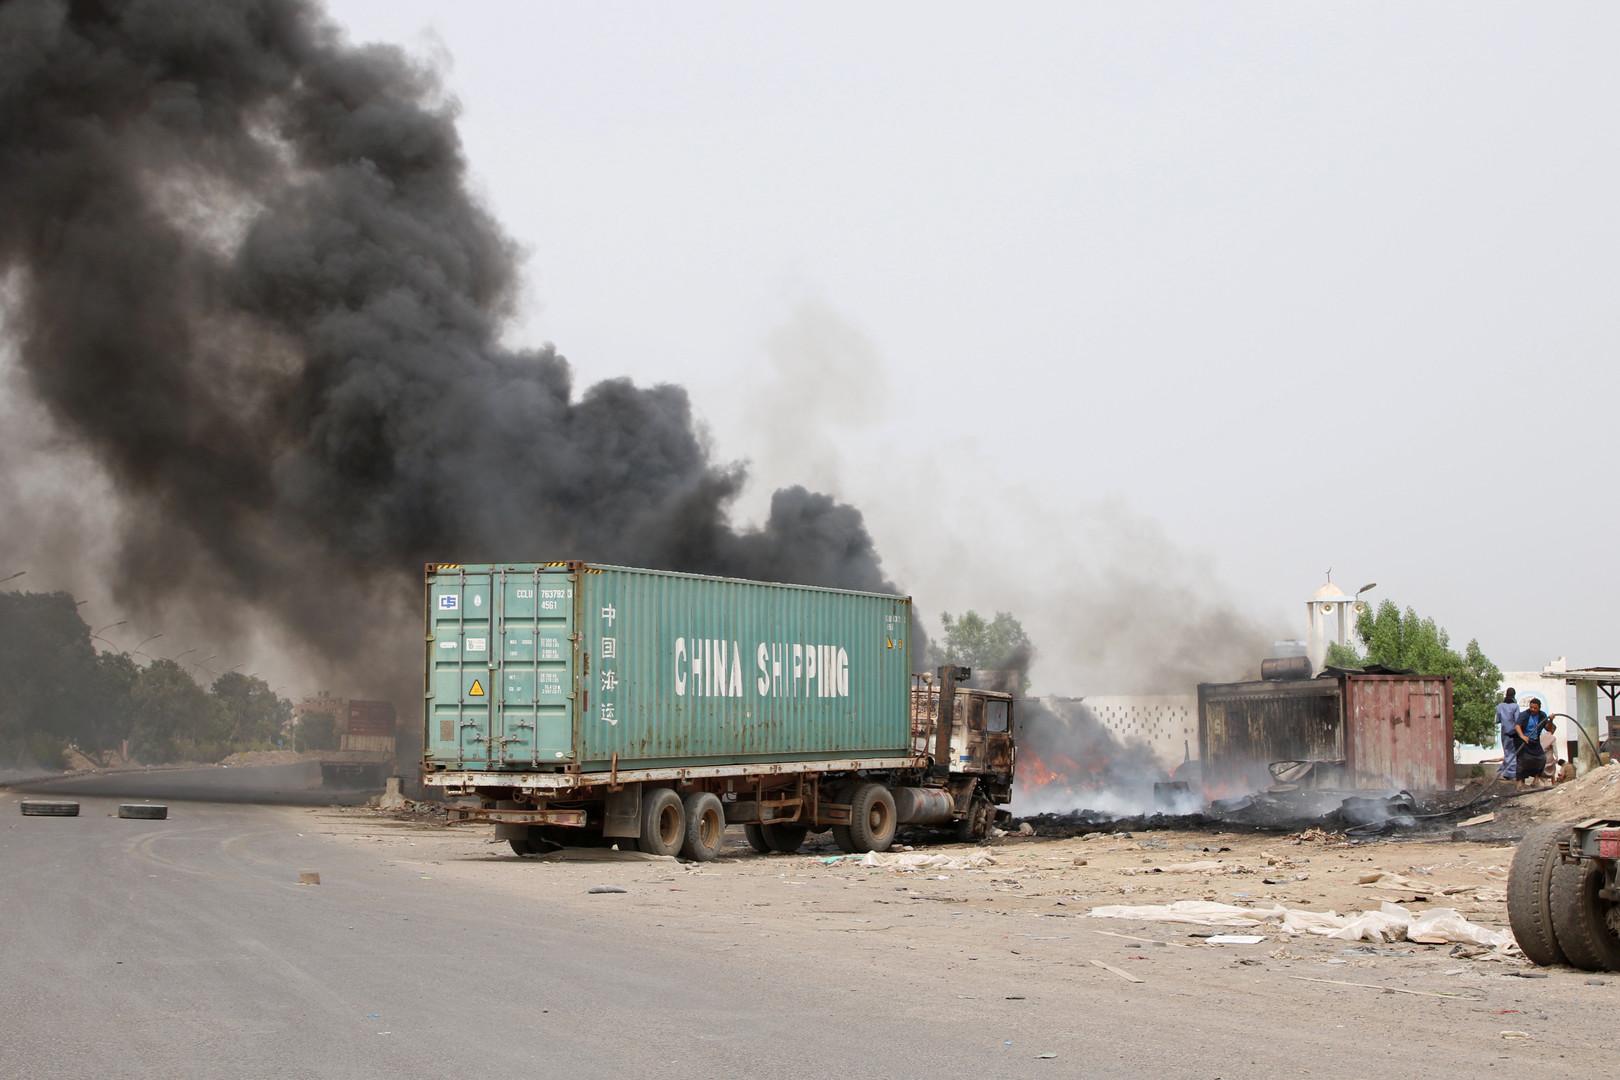 الأمم المتحدة قلقة من التصعيد في عدن وتدعو لوقف القتال